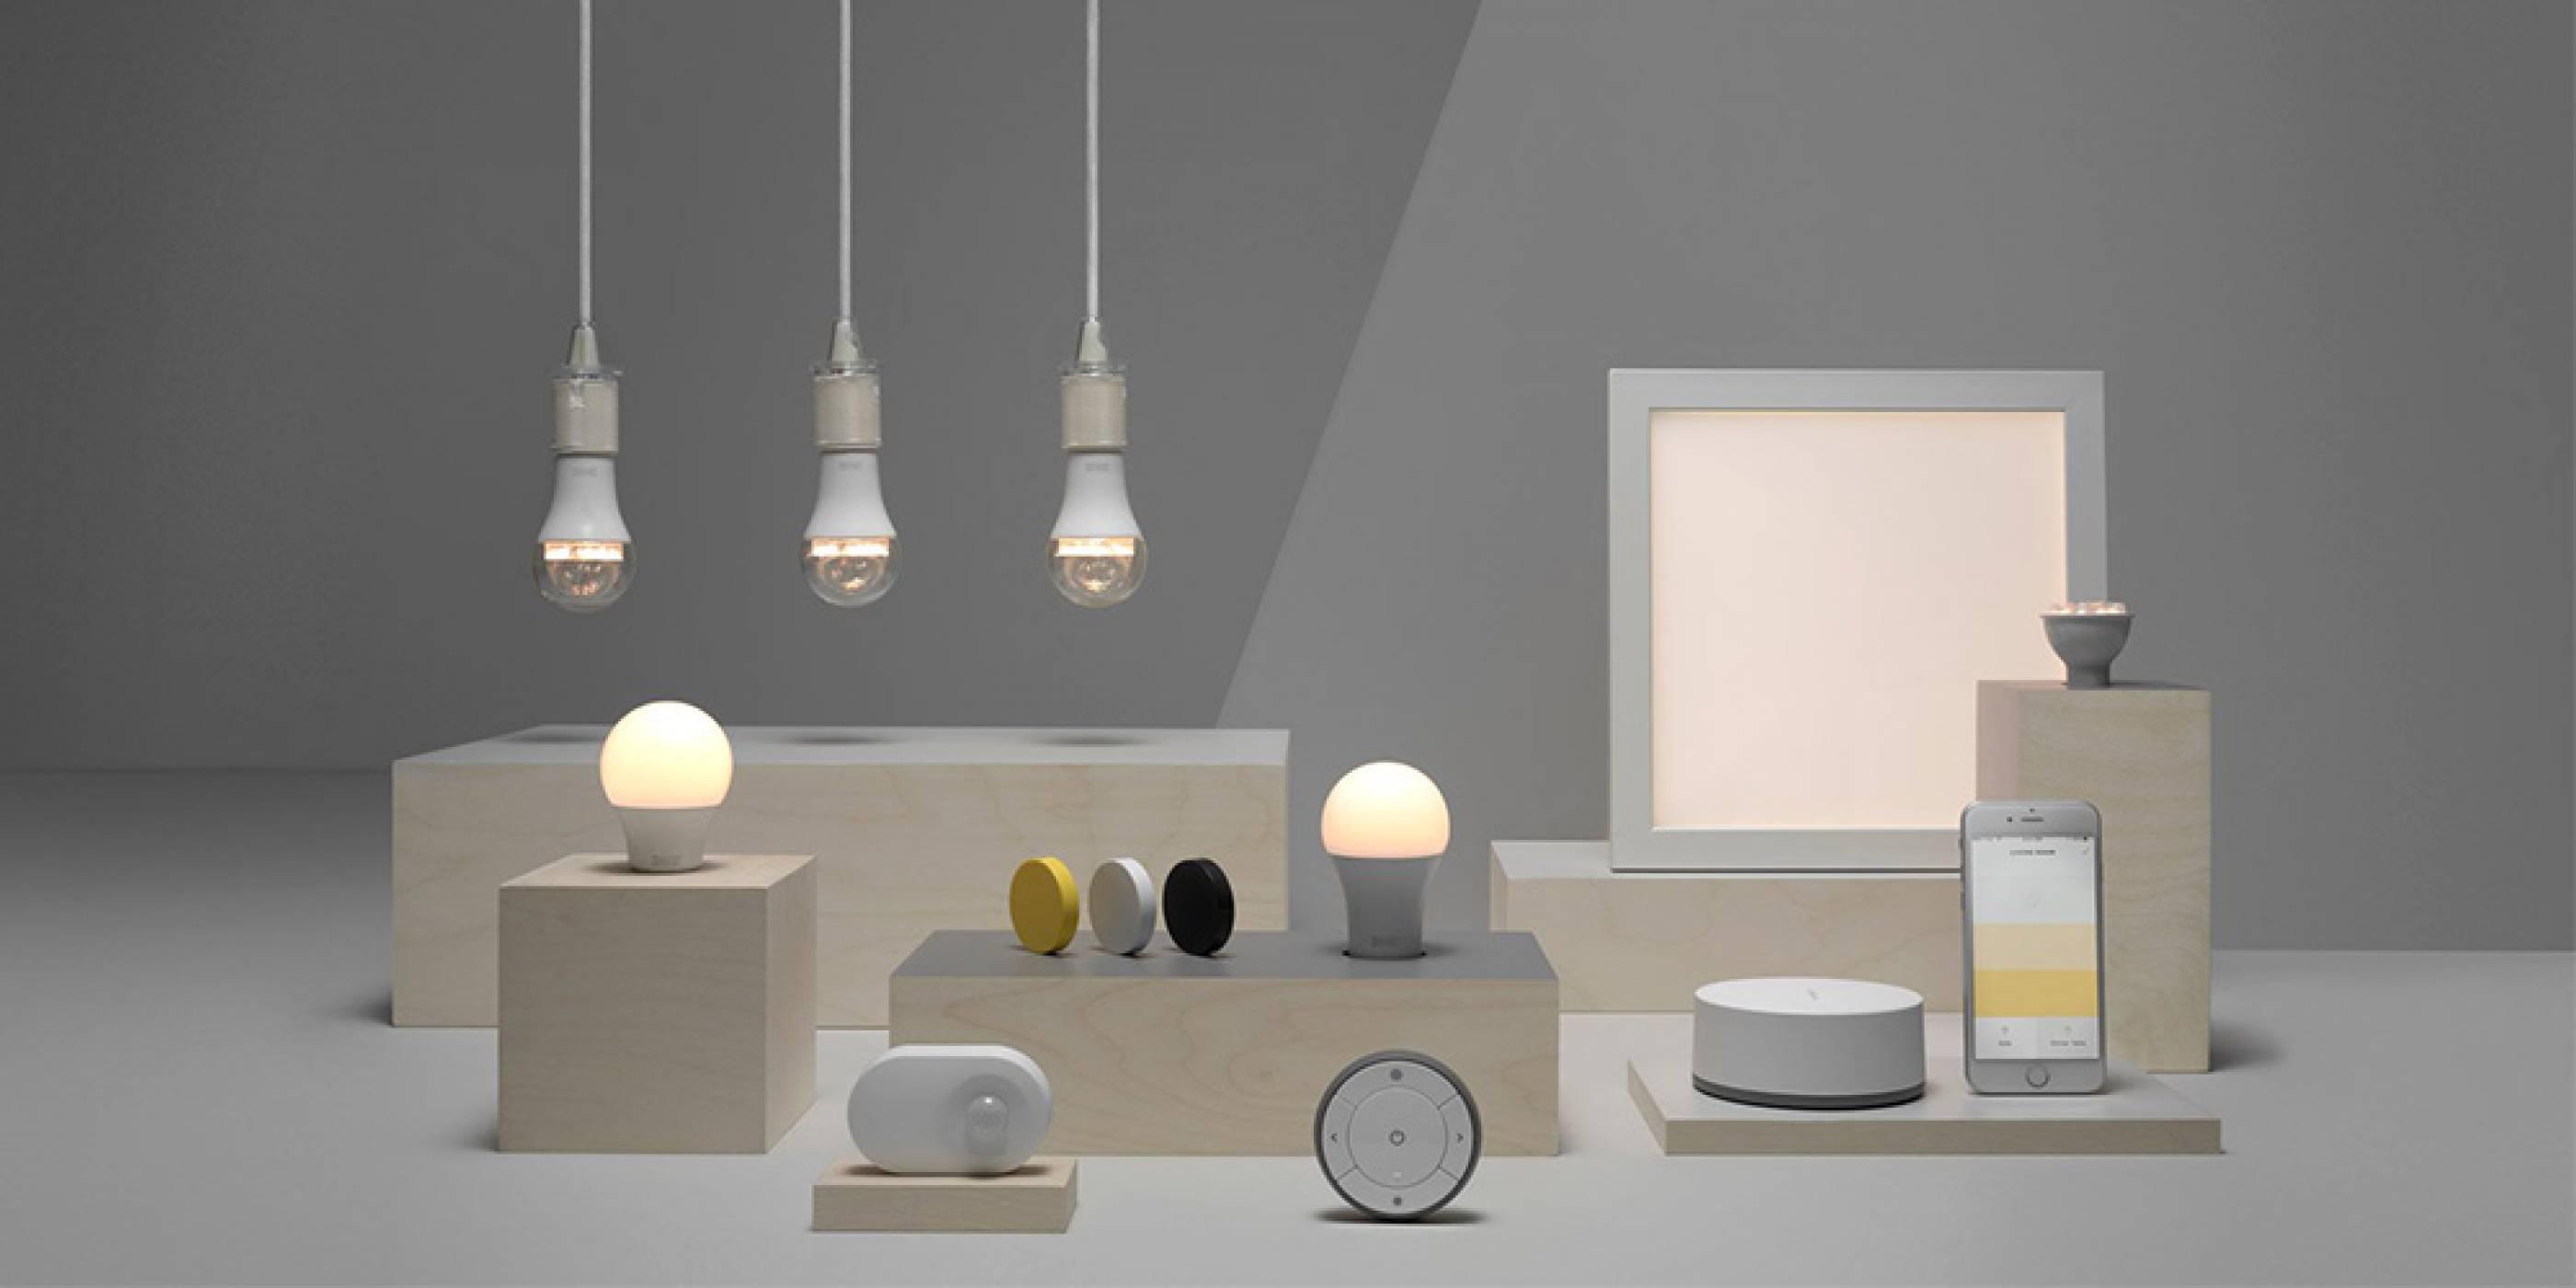 Ikea ще позволи да управляваме умни крушки чрез гласа си